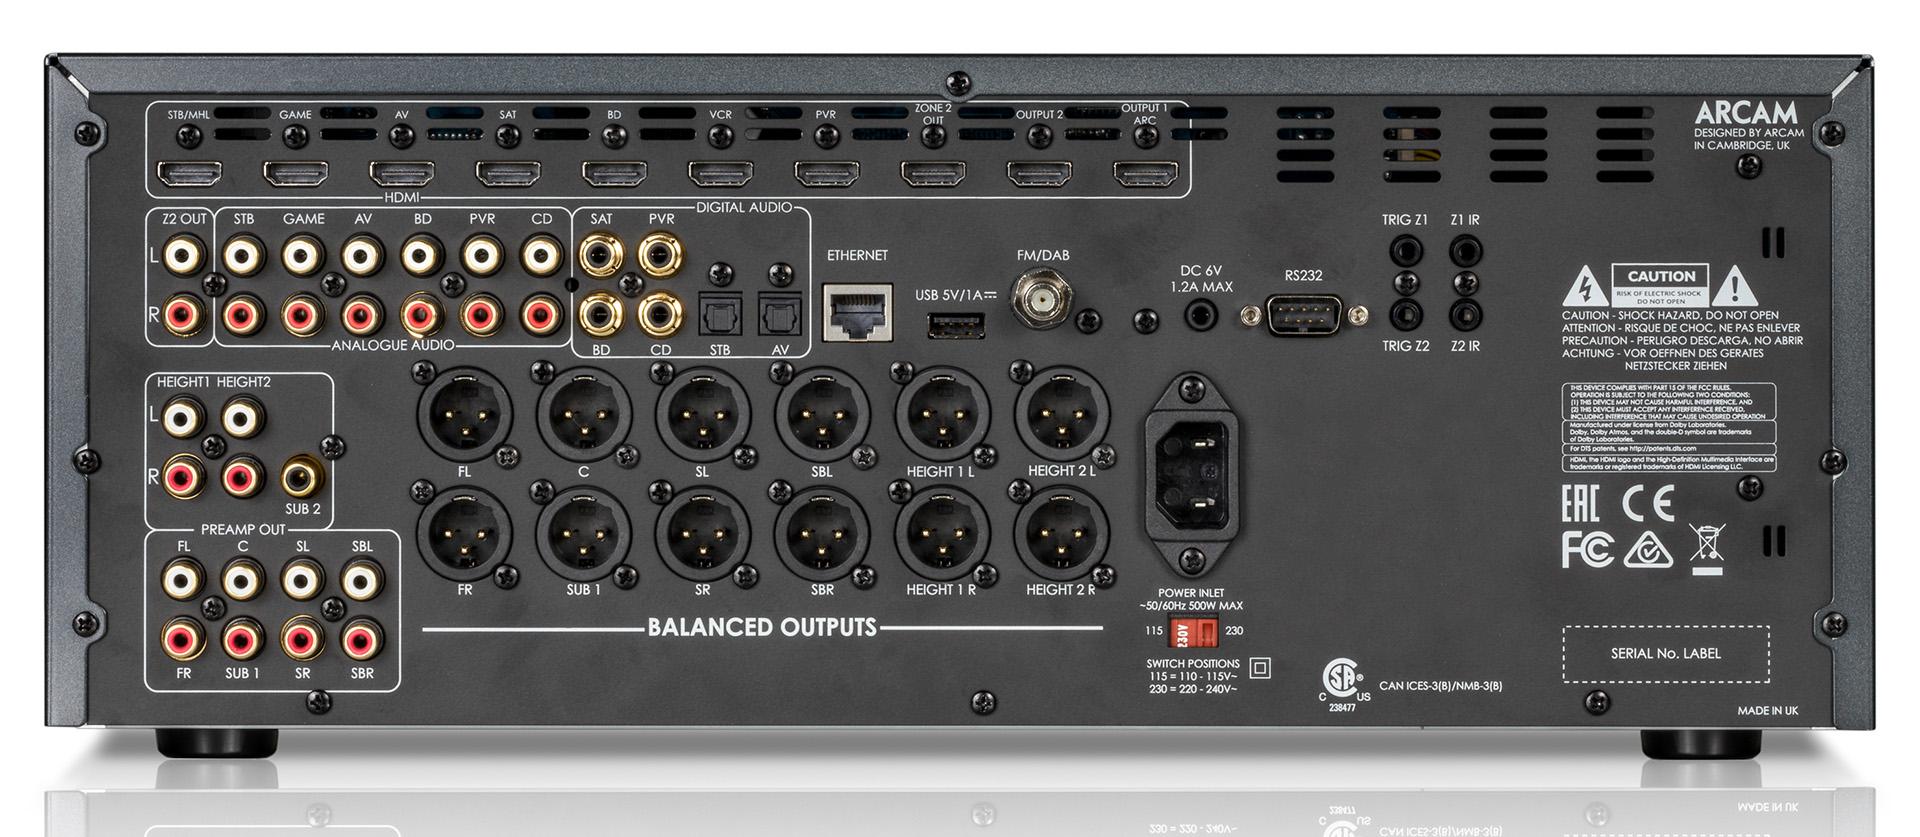 В предусилителе AV860 потребителю предлагается множество разъёмов для цифрового подключения: 7 входов и 3 выхода HDMI, 4 коаксиальных разъёма и 2 гнезда Toslink. Однако в устройстве отсутствуют аналоговые видеовходы. К 11.2 каналам выходных разъёмов RCA добавлены 12 XLR-выходов. Также имеется достаточно редкий вход DAB.